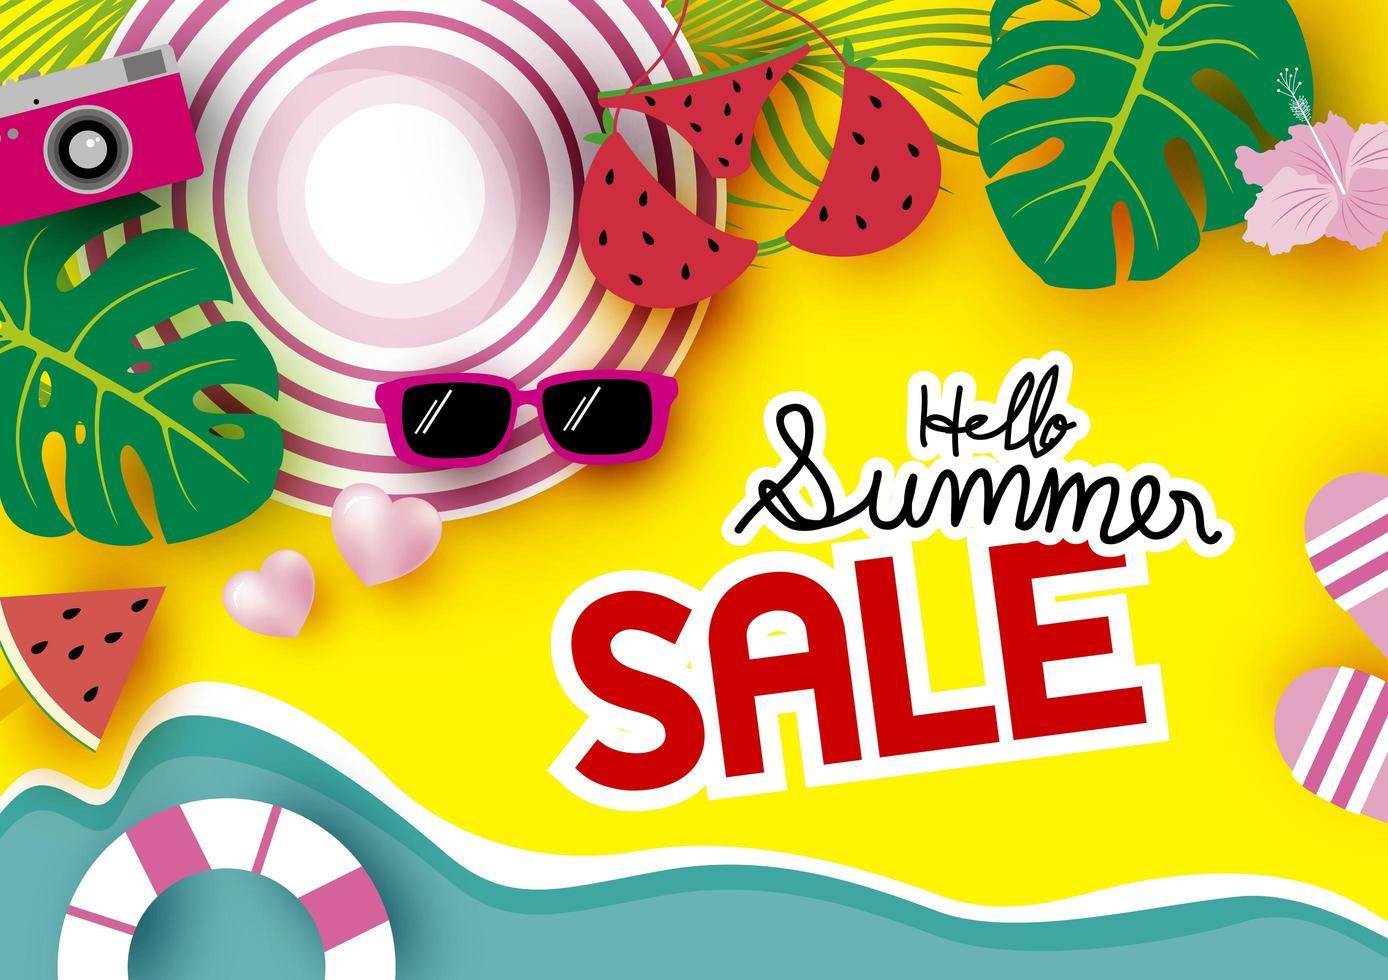 bannière de vente d'été avec scène de plage vue de dessus vecteur